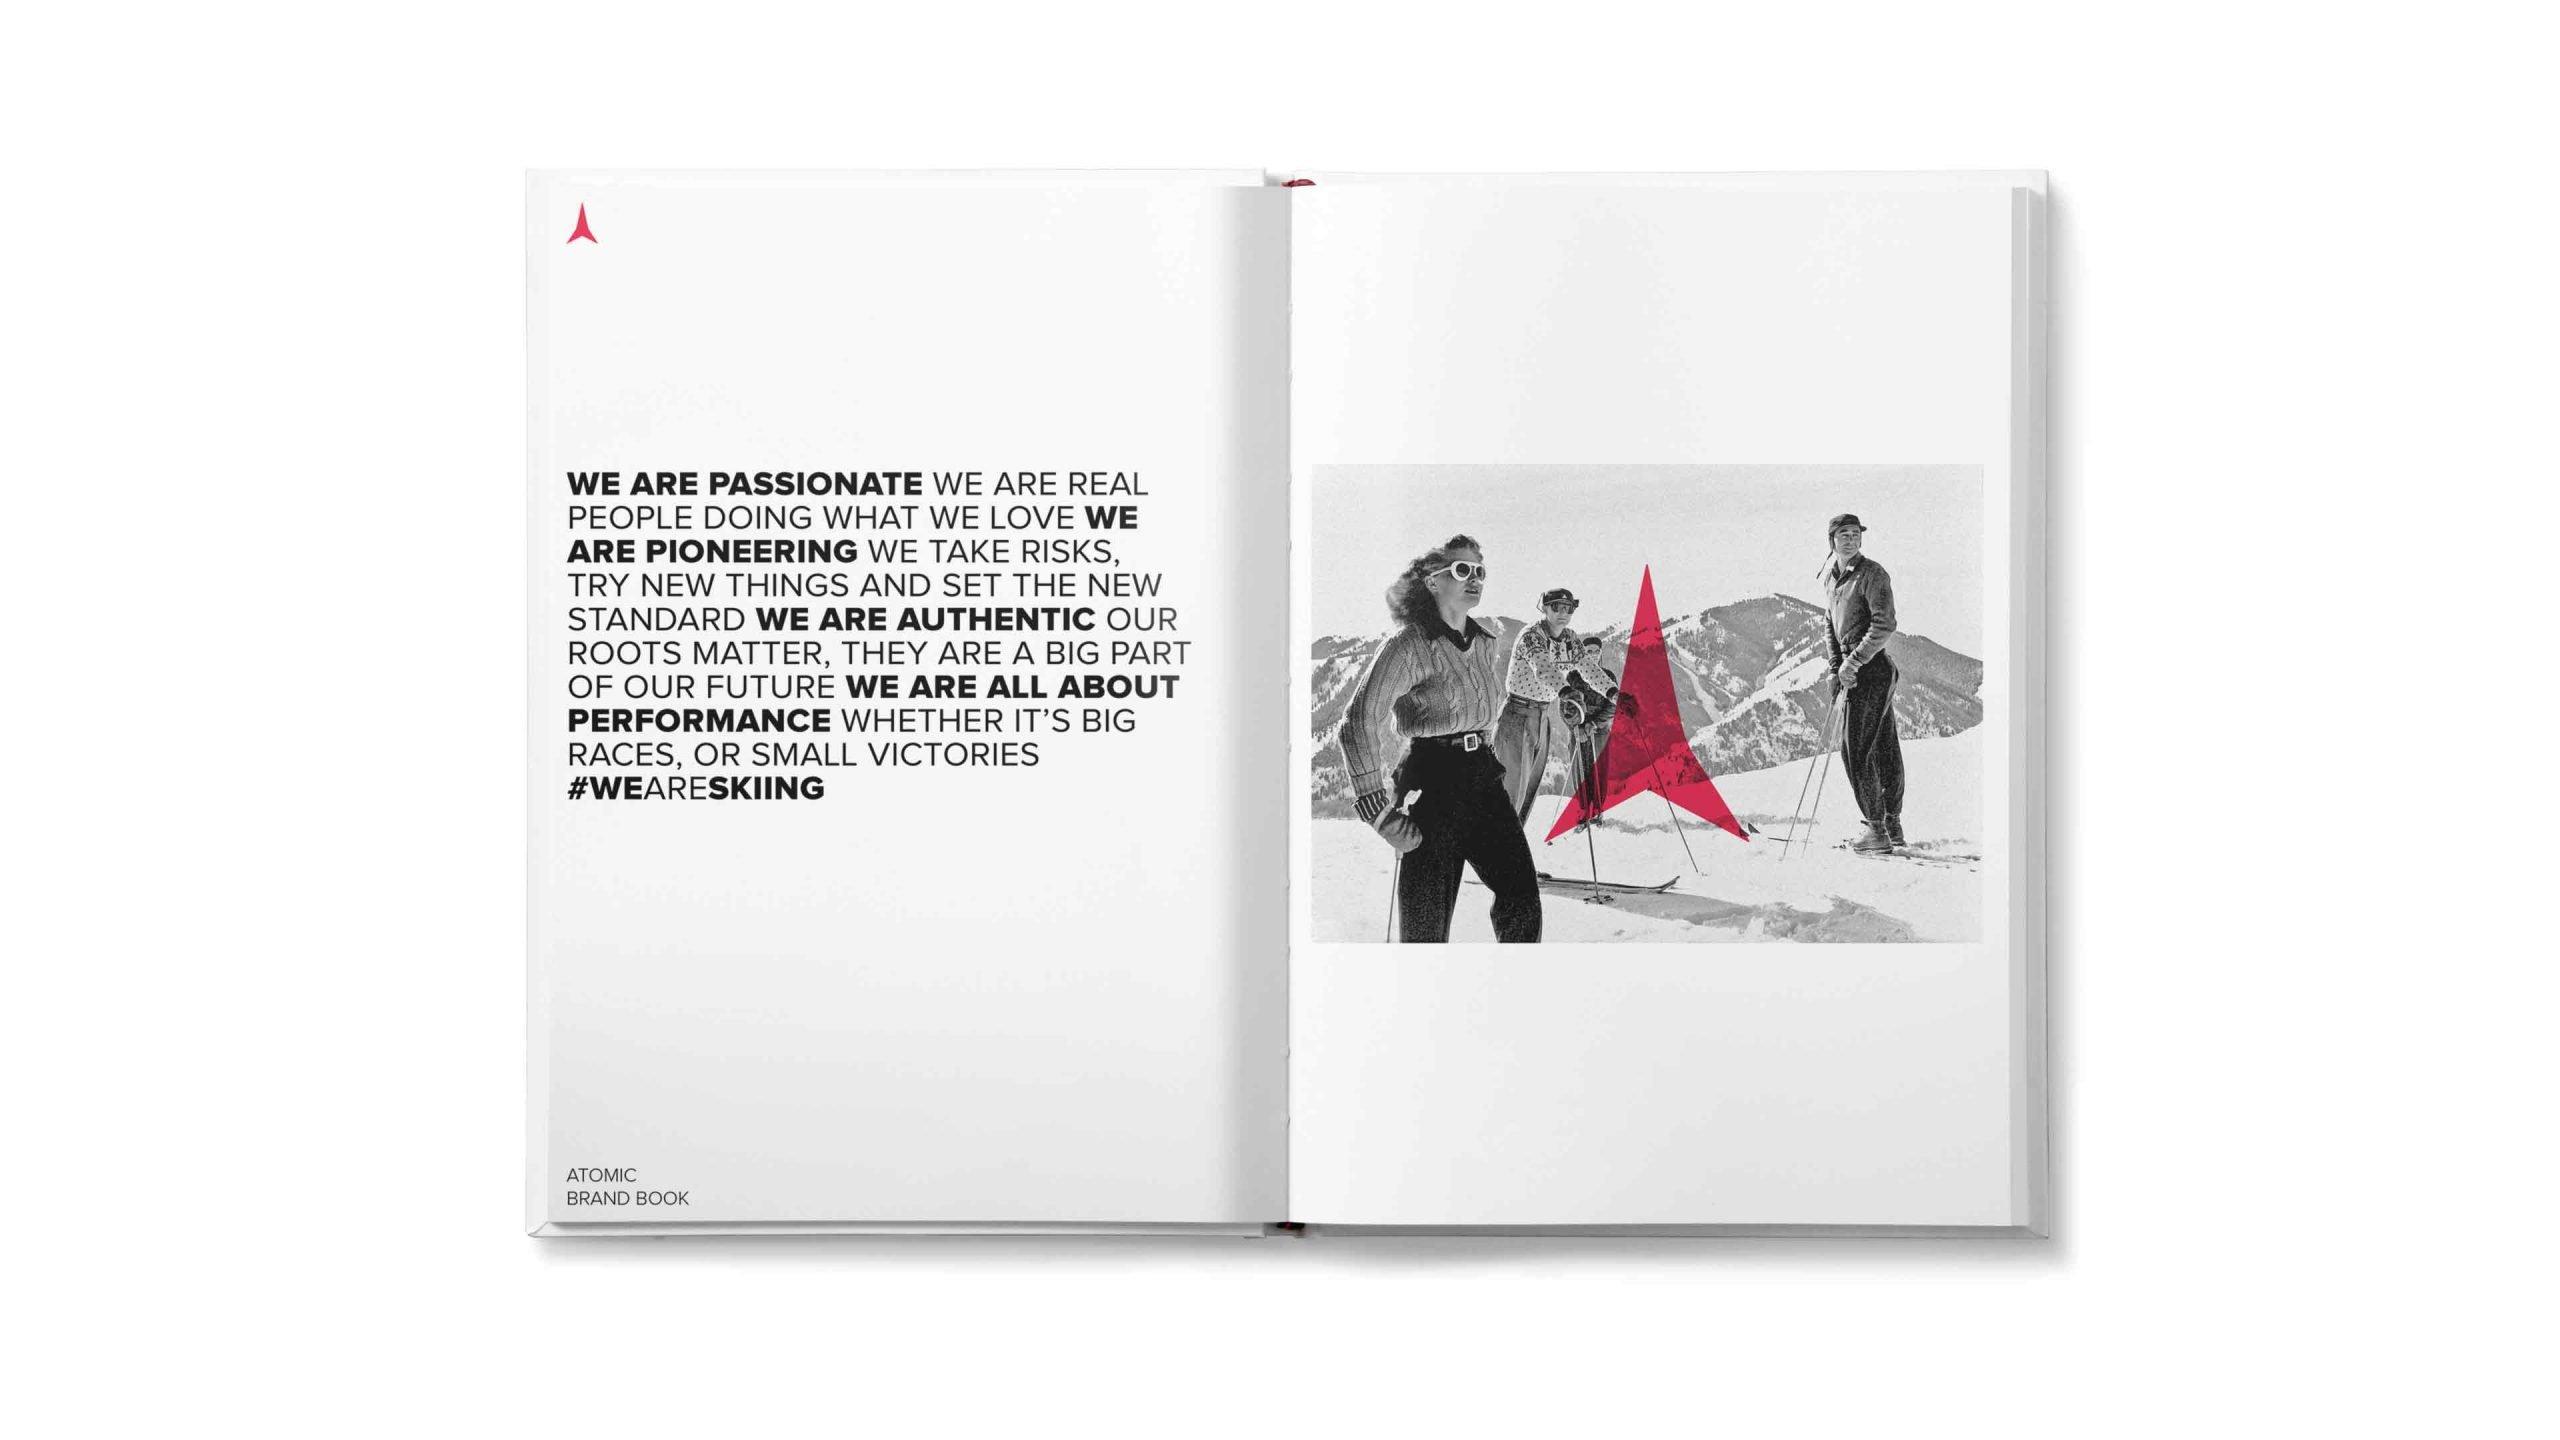 ATOMIC-editorial-design-03